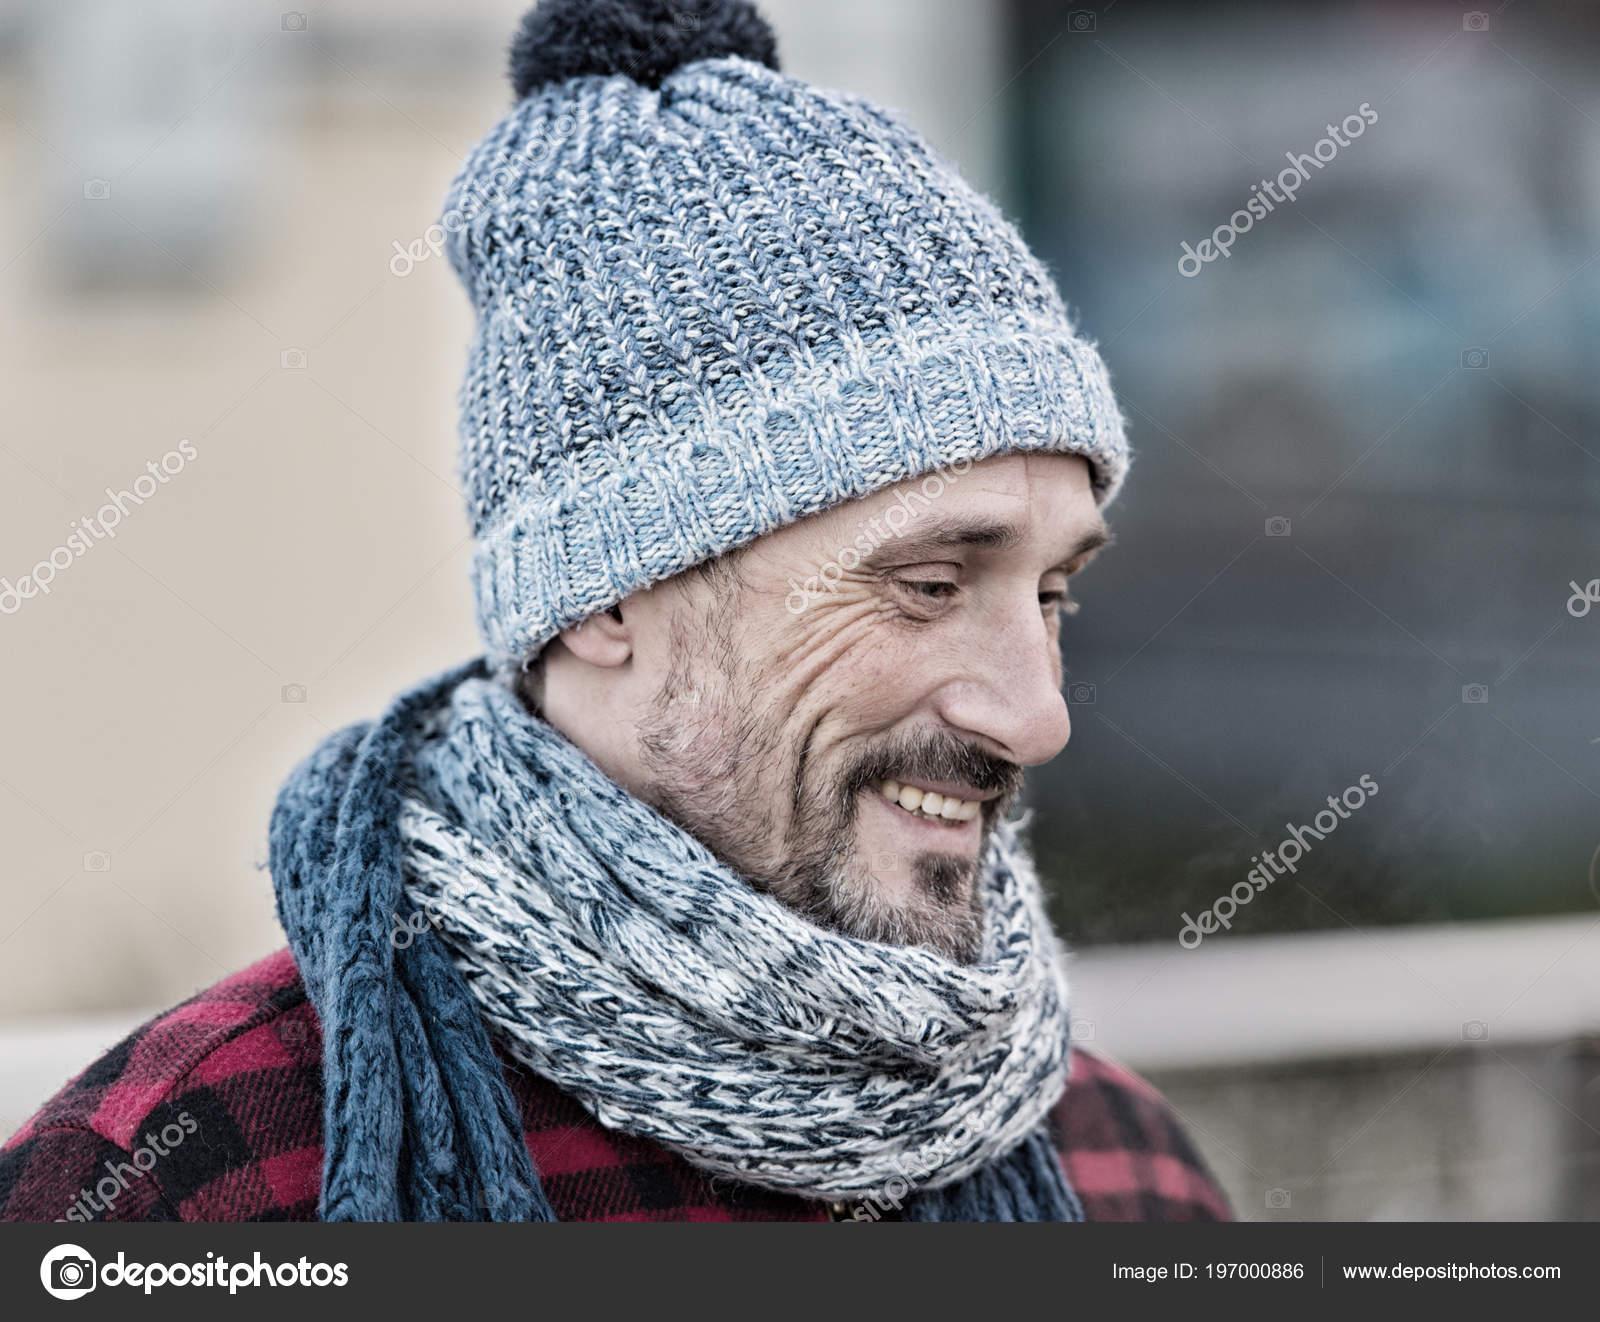 Fiú téli meleg sapka és sál. Portré a mosolygó ember az utcán. Férfi kötött  sál 920124e776